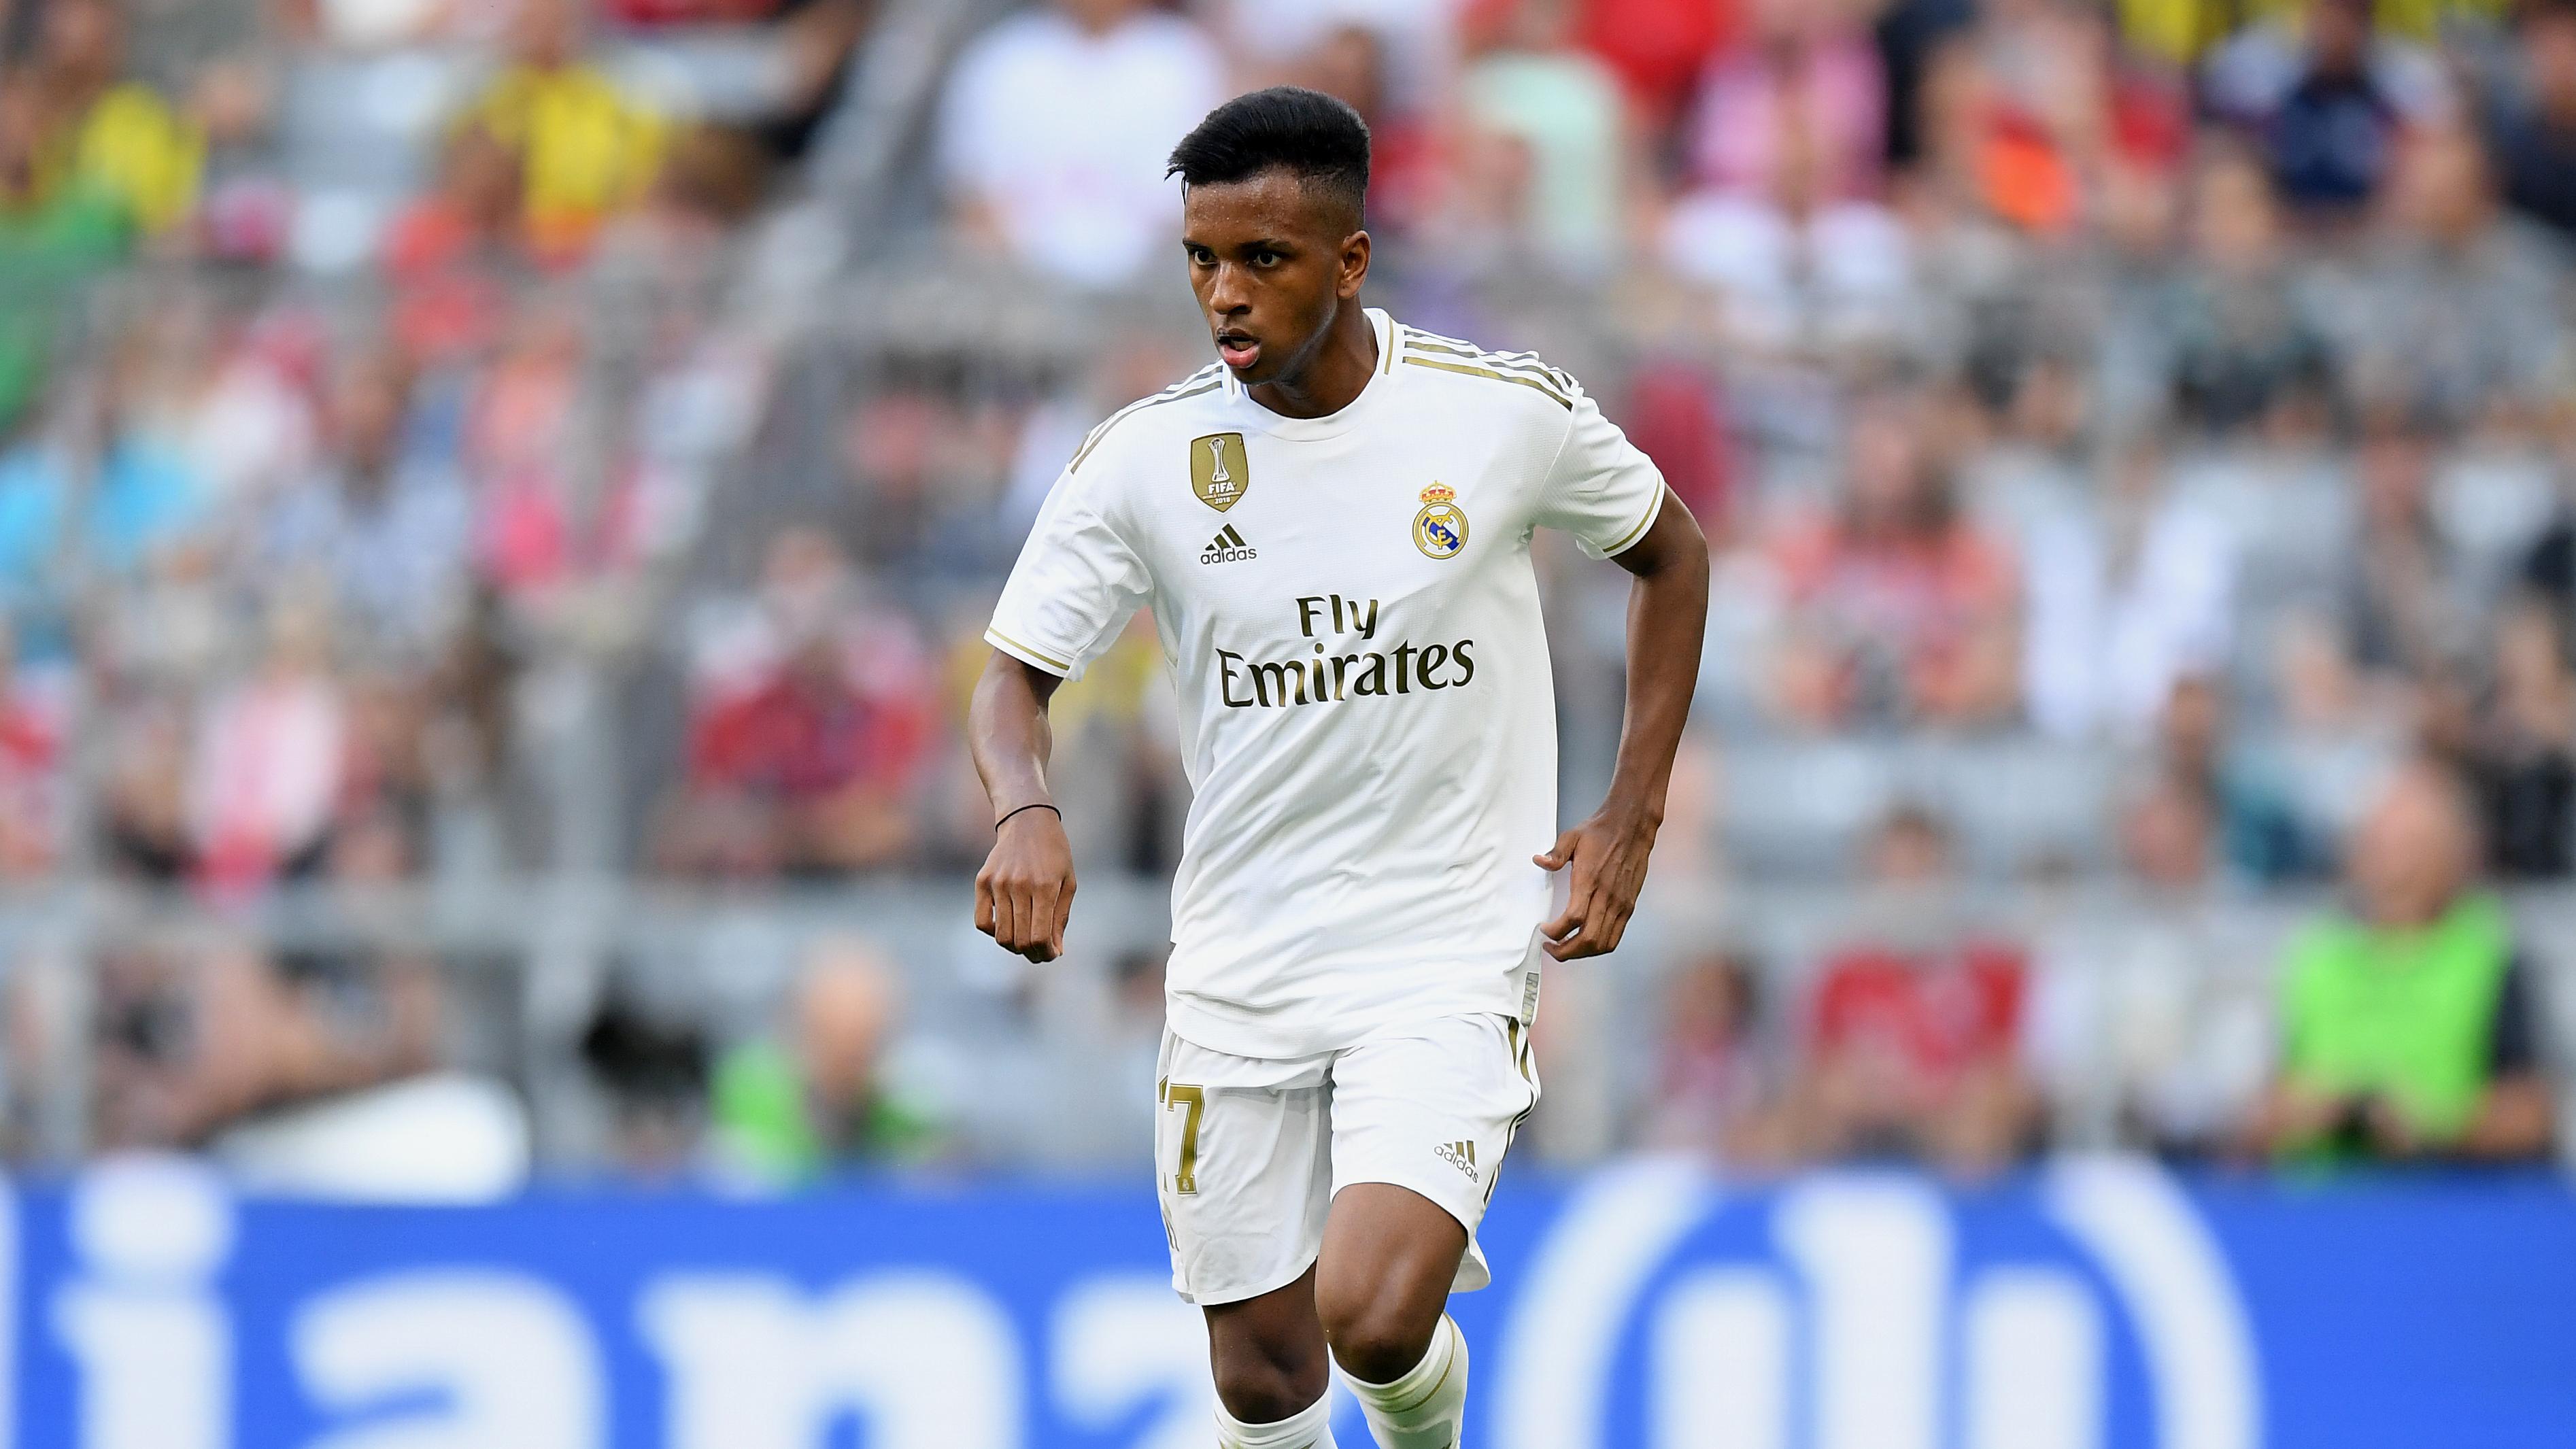 Berita Real Madrid Rodrygo Terkejut Dimainkan Jadi Starter